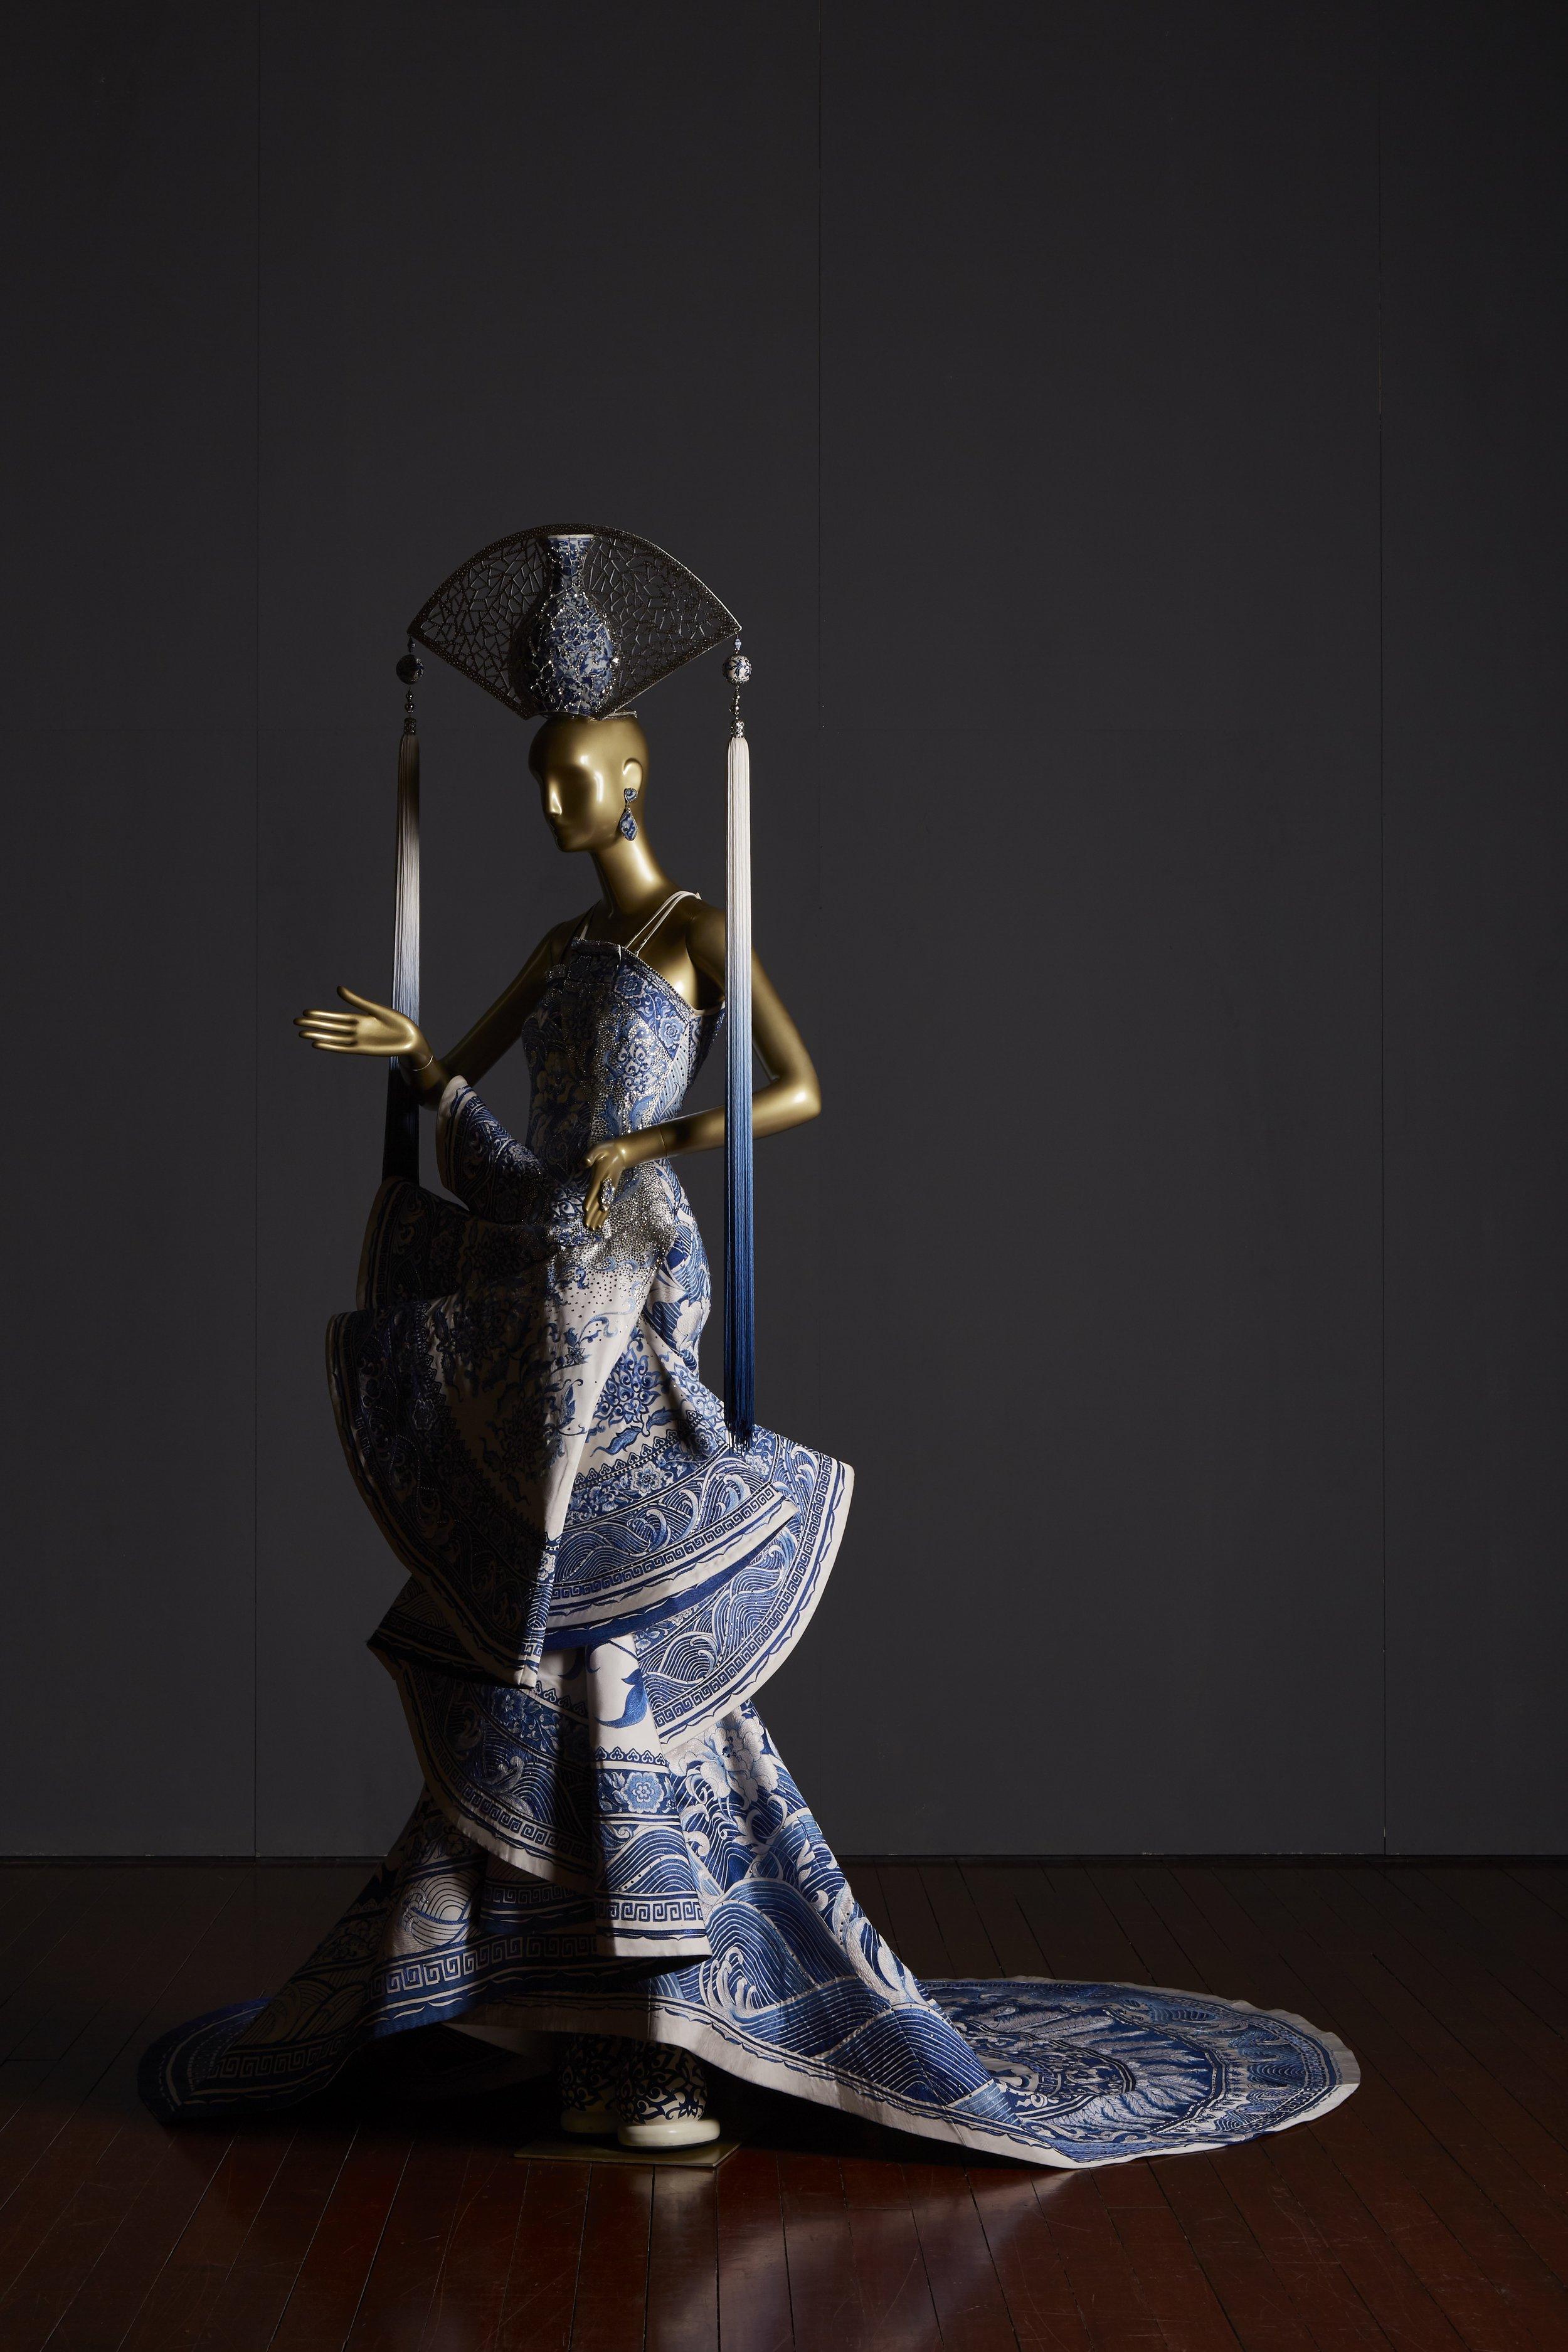 青花瓷 (Blue-and-white porcelain)  Guo Pei, One Thousand and Two Nights Collection China, Beijing, 2010 Silk, Swarovski crystals, 190 x 90 x 90 cm 8,000 hours Collection of Guo Pei Image courtesy of Asian Civilisations Museum